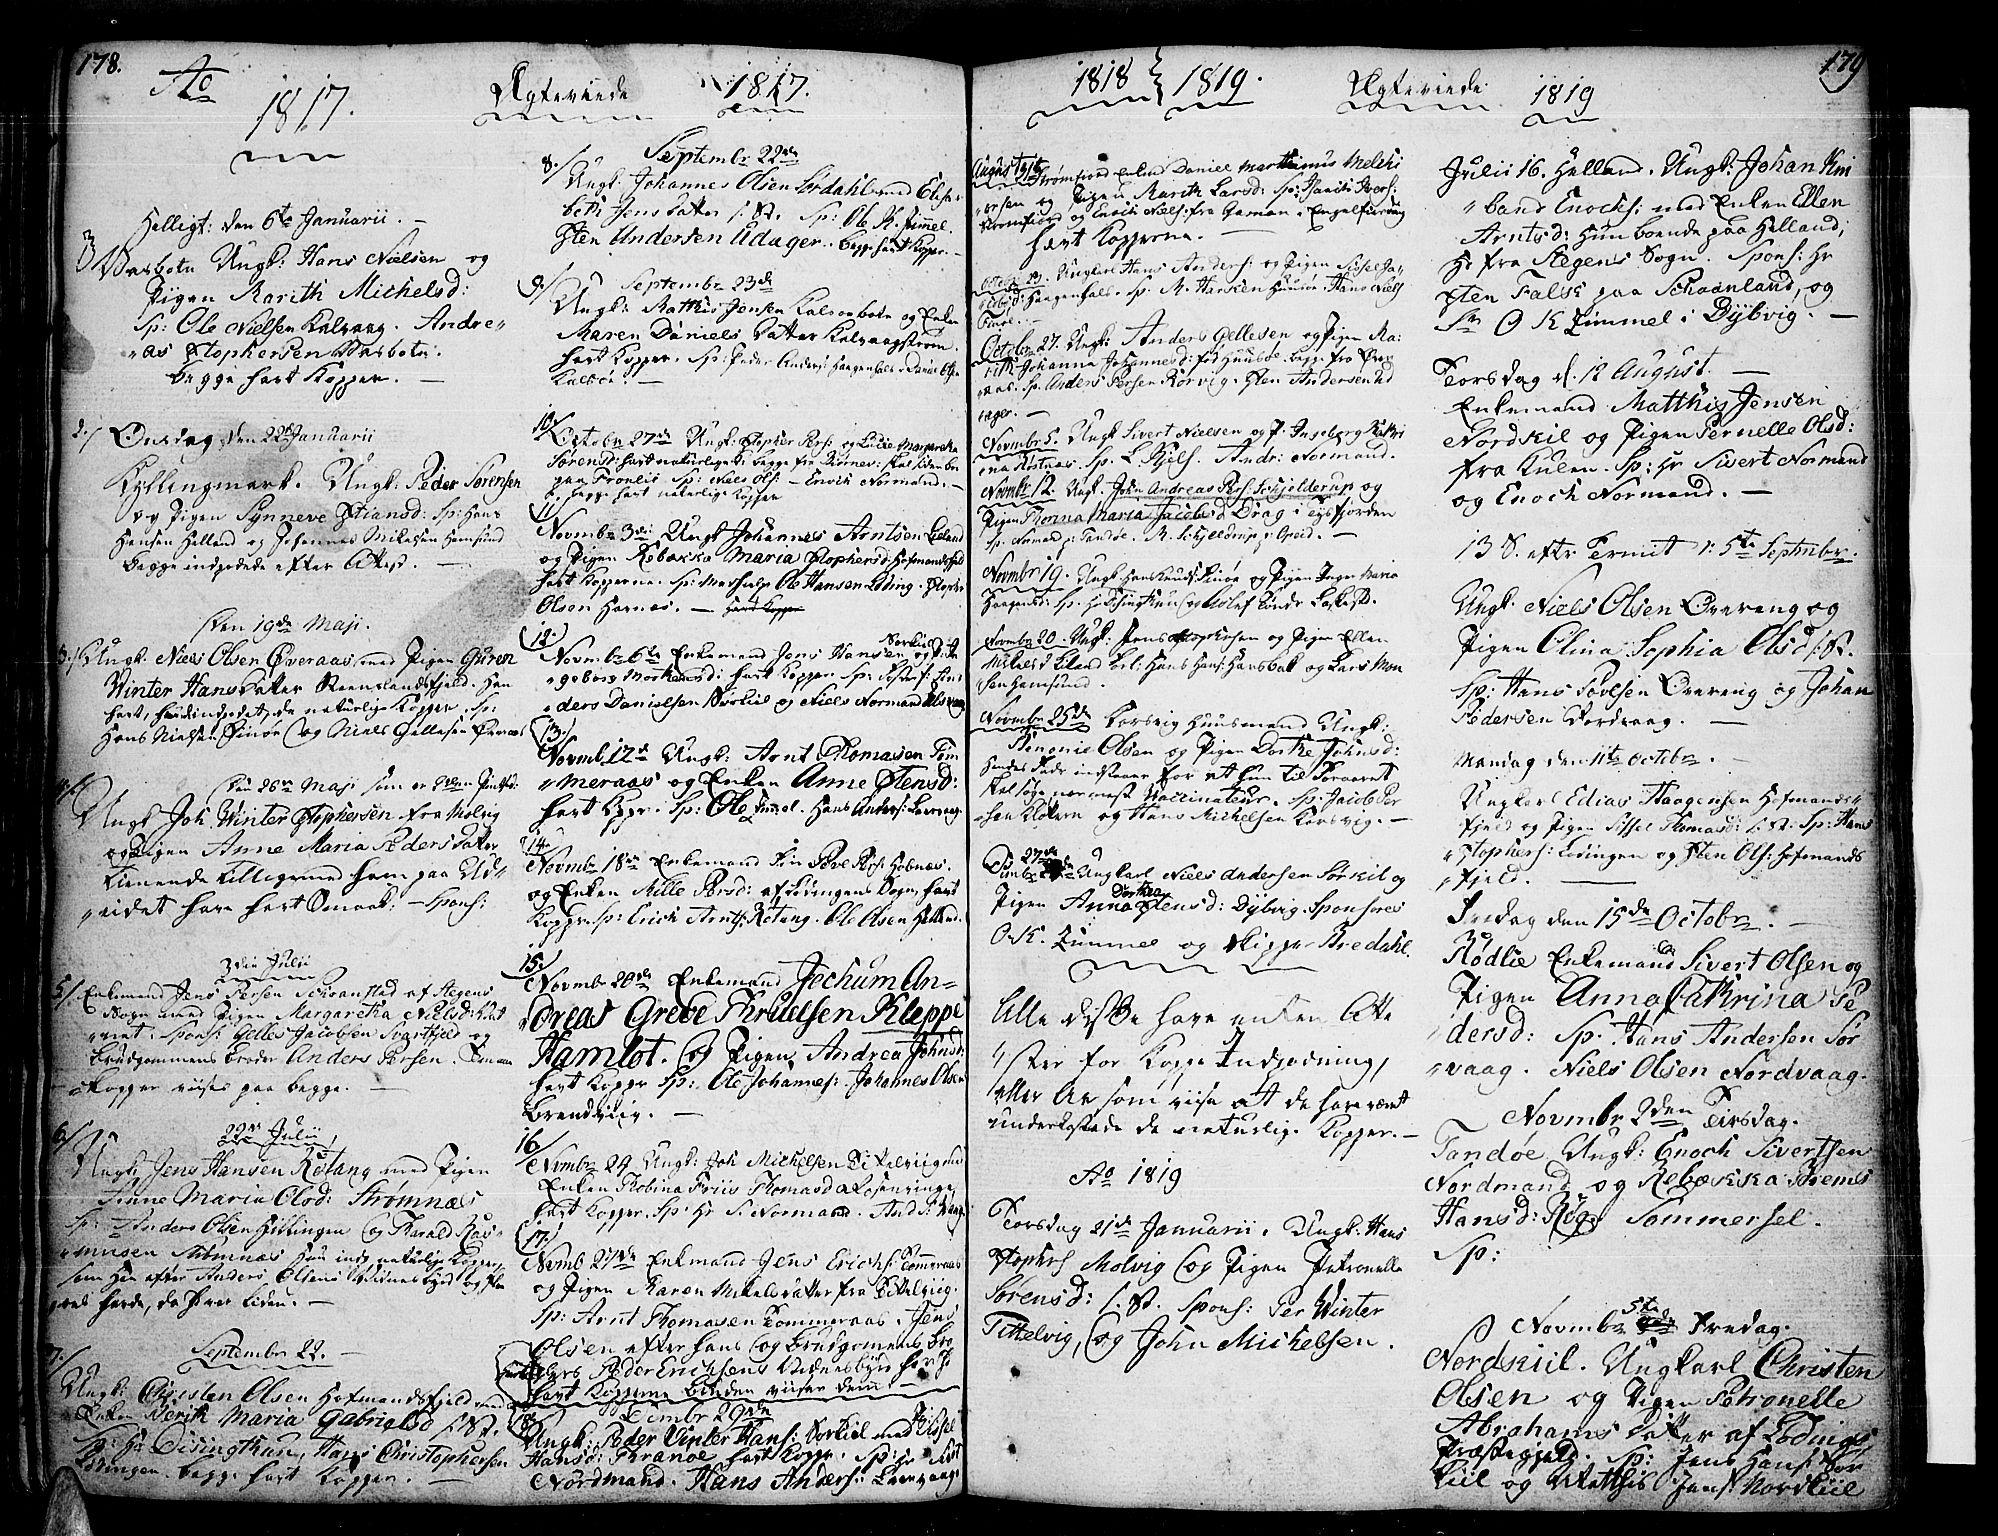 SAT, Ministerialprotokoller, klokkerbøker og fødselsregistre - Nordland, 859/L0841: Parish register (official) no. 859A01, 1766-1821, p. 178-179